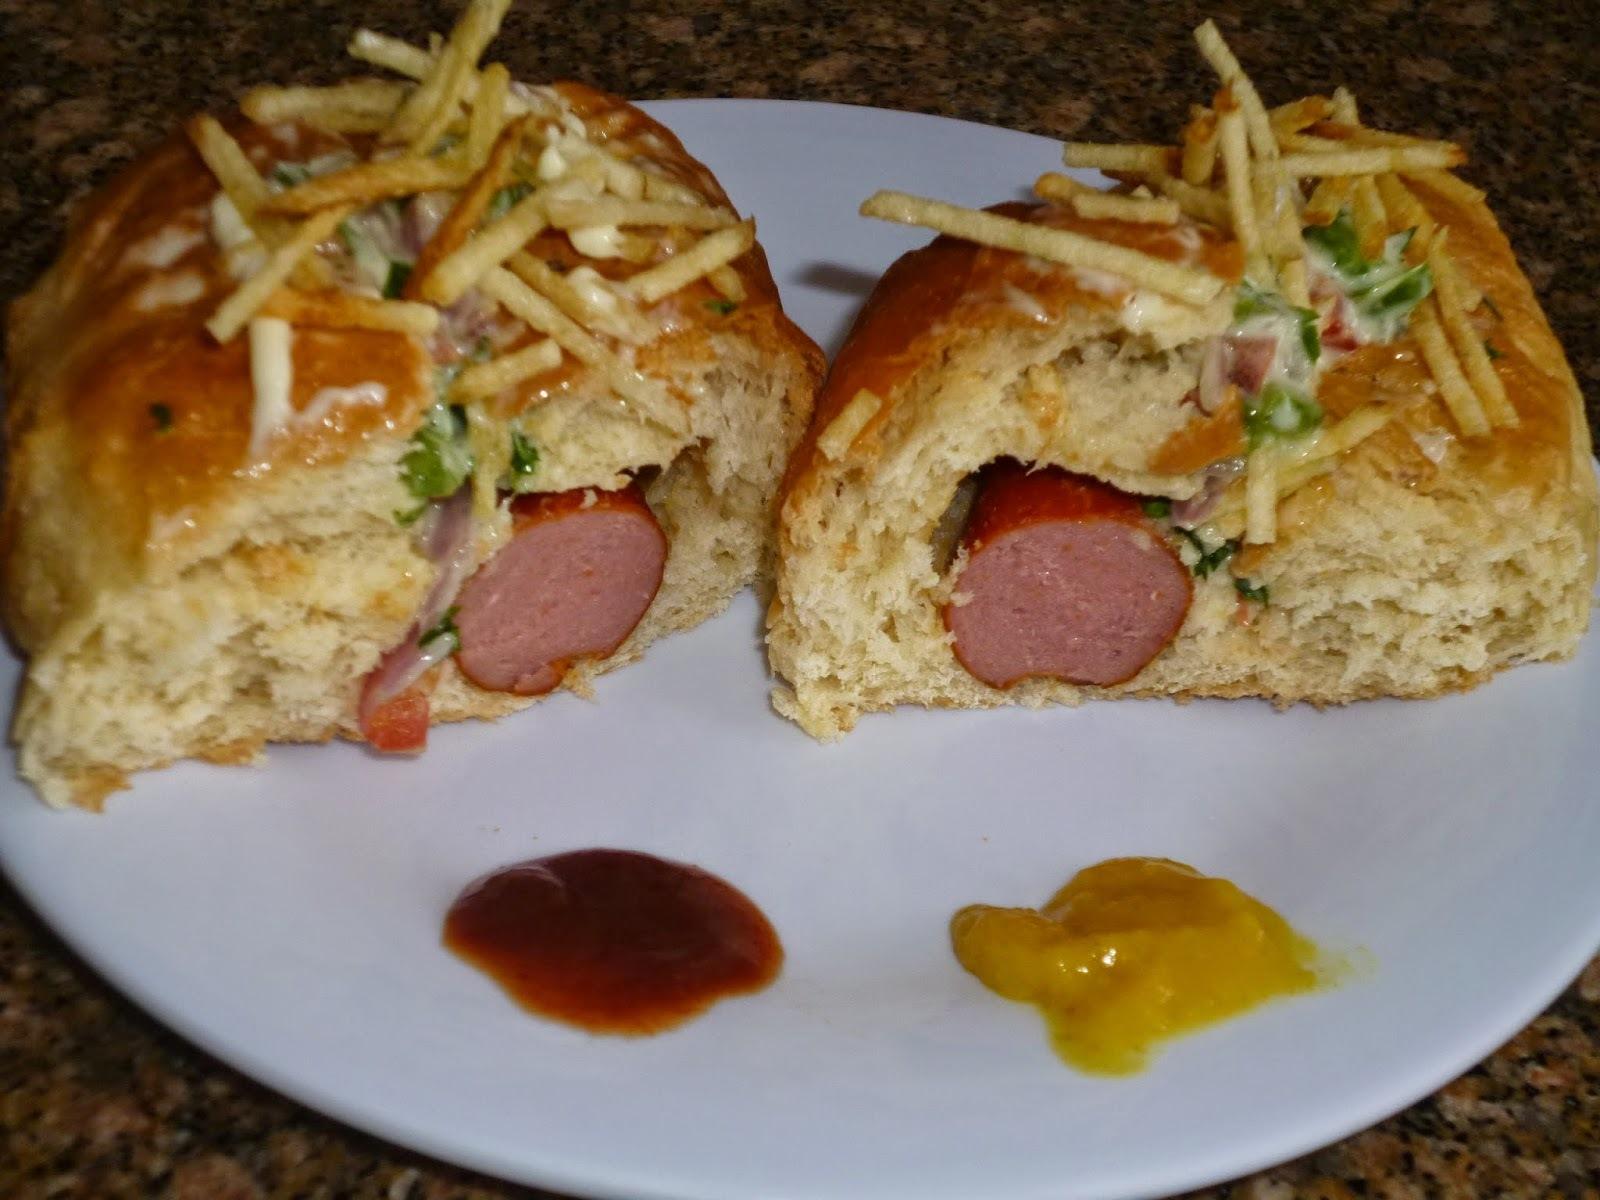 de pão caseiro recheado com hamburguer